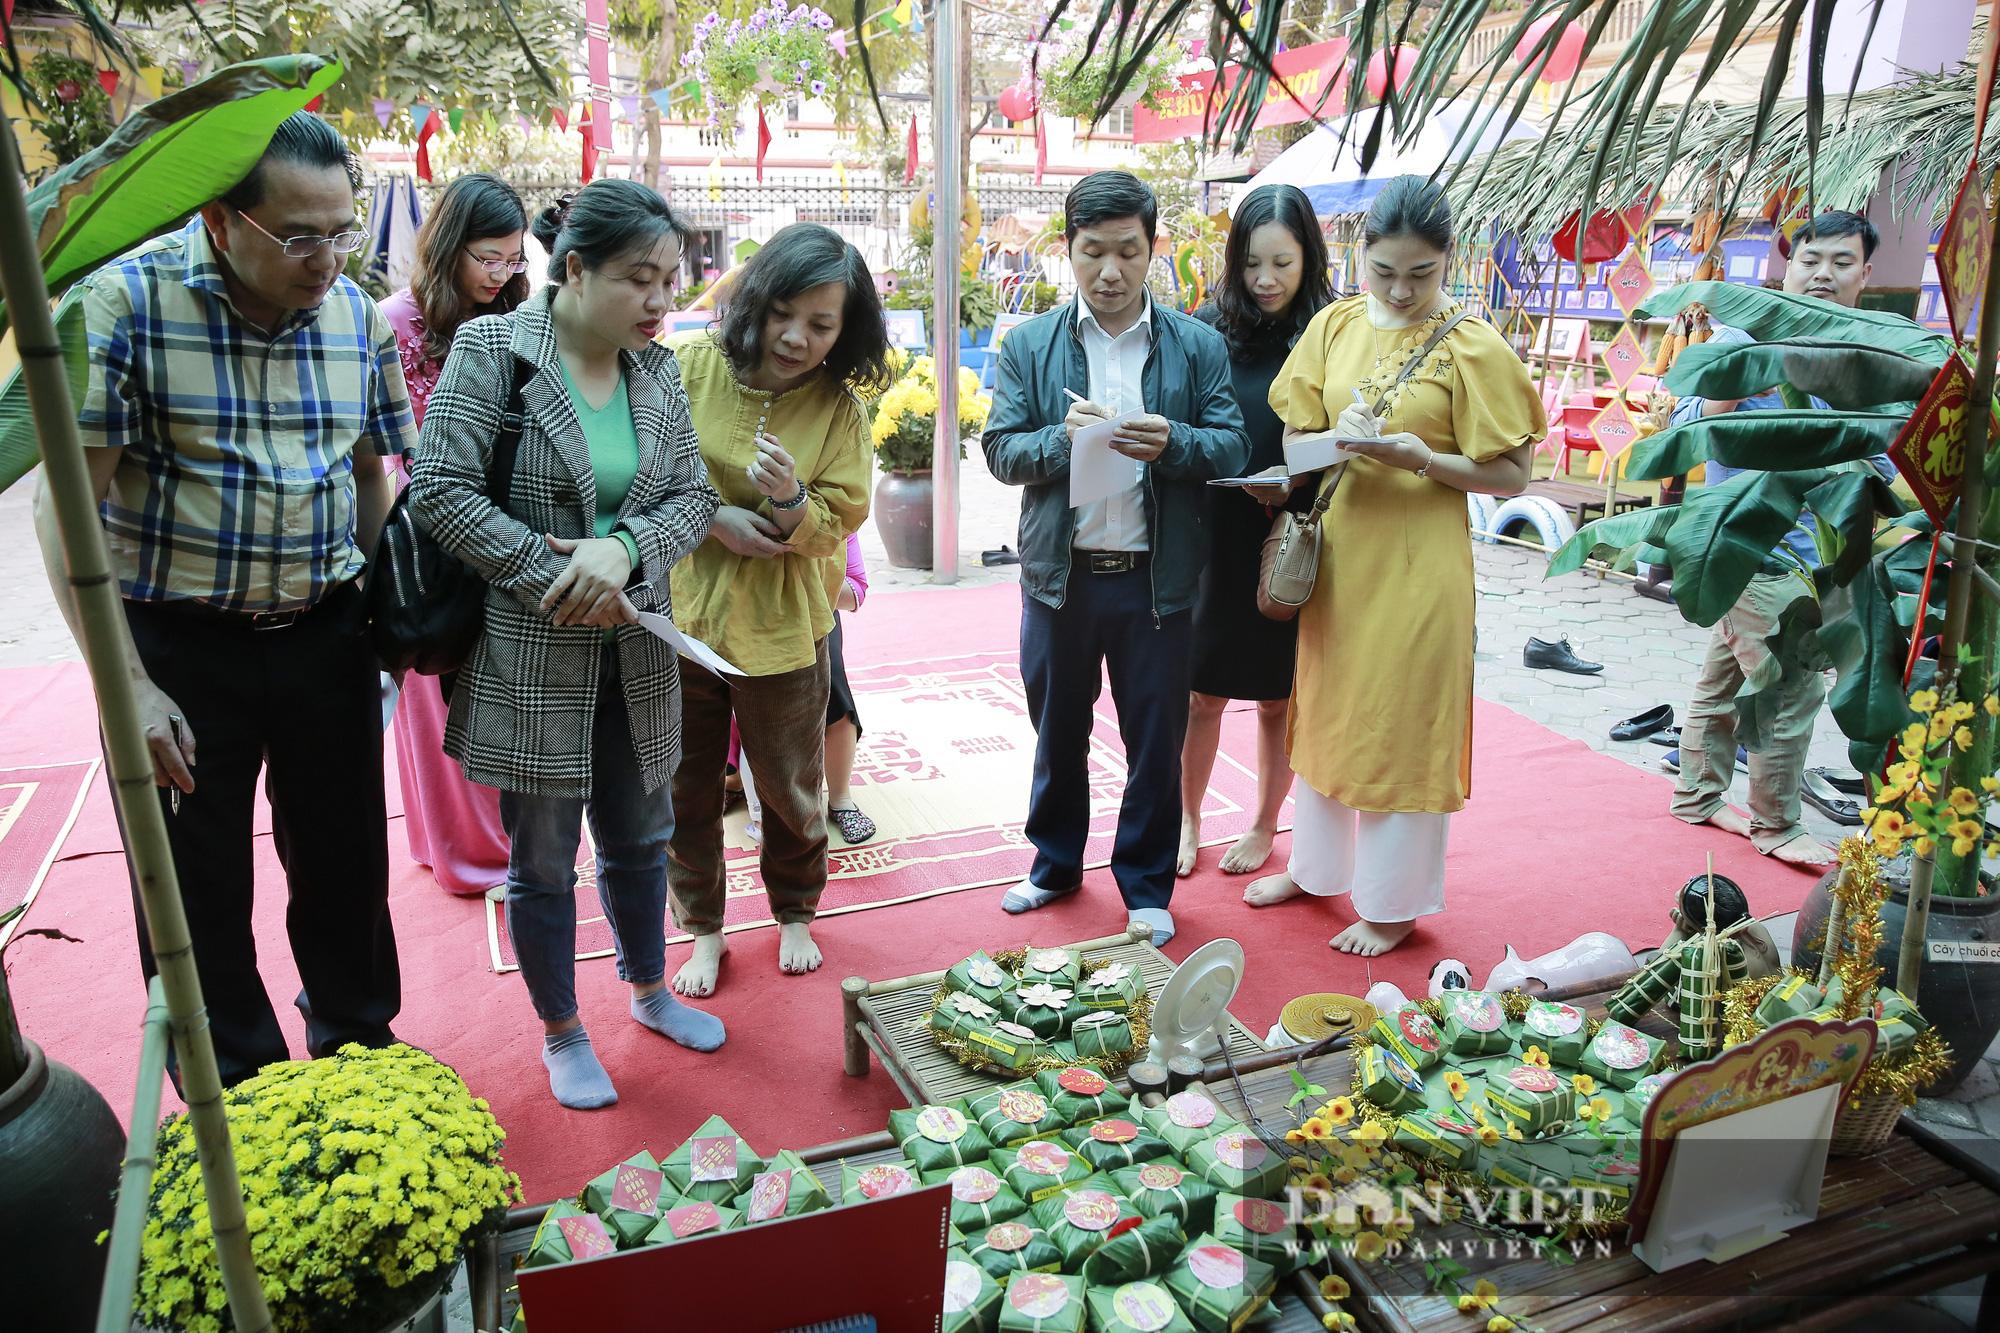 Trẻ em Hà Nội hào hứng khi lần đầu được gói bánh chưng cùng cha mẹ - Ảnh 11.